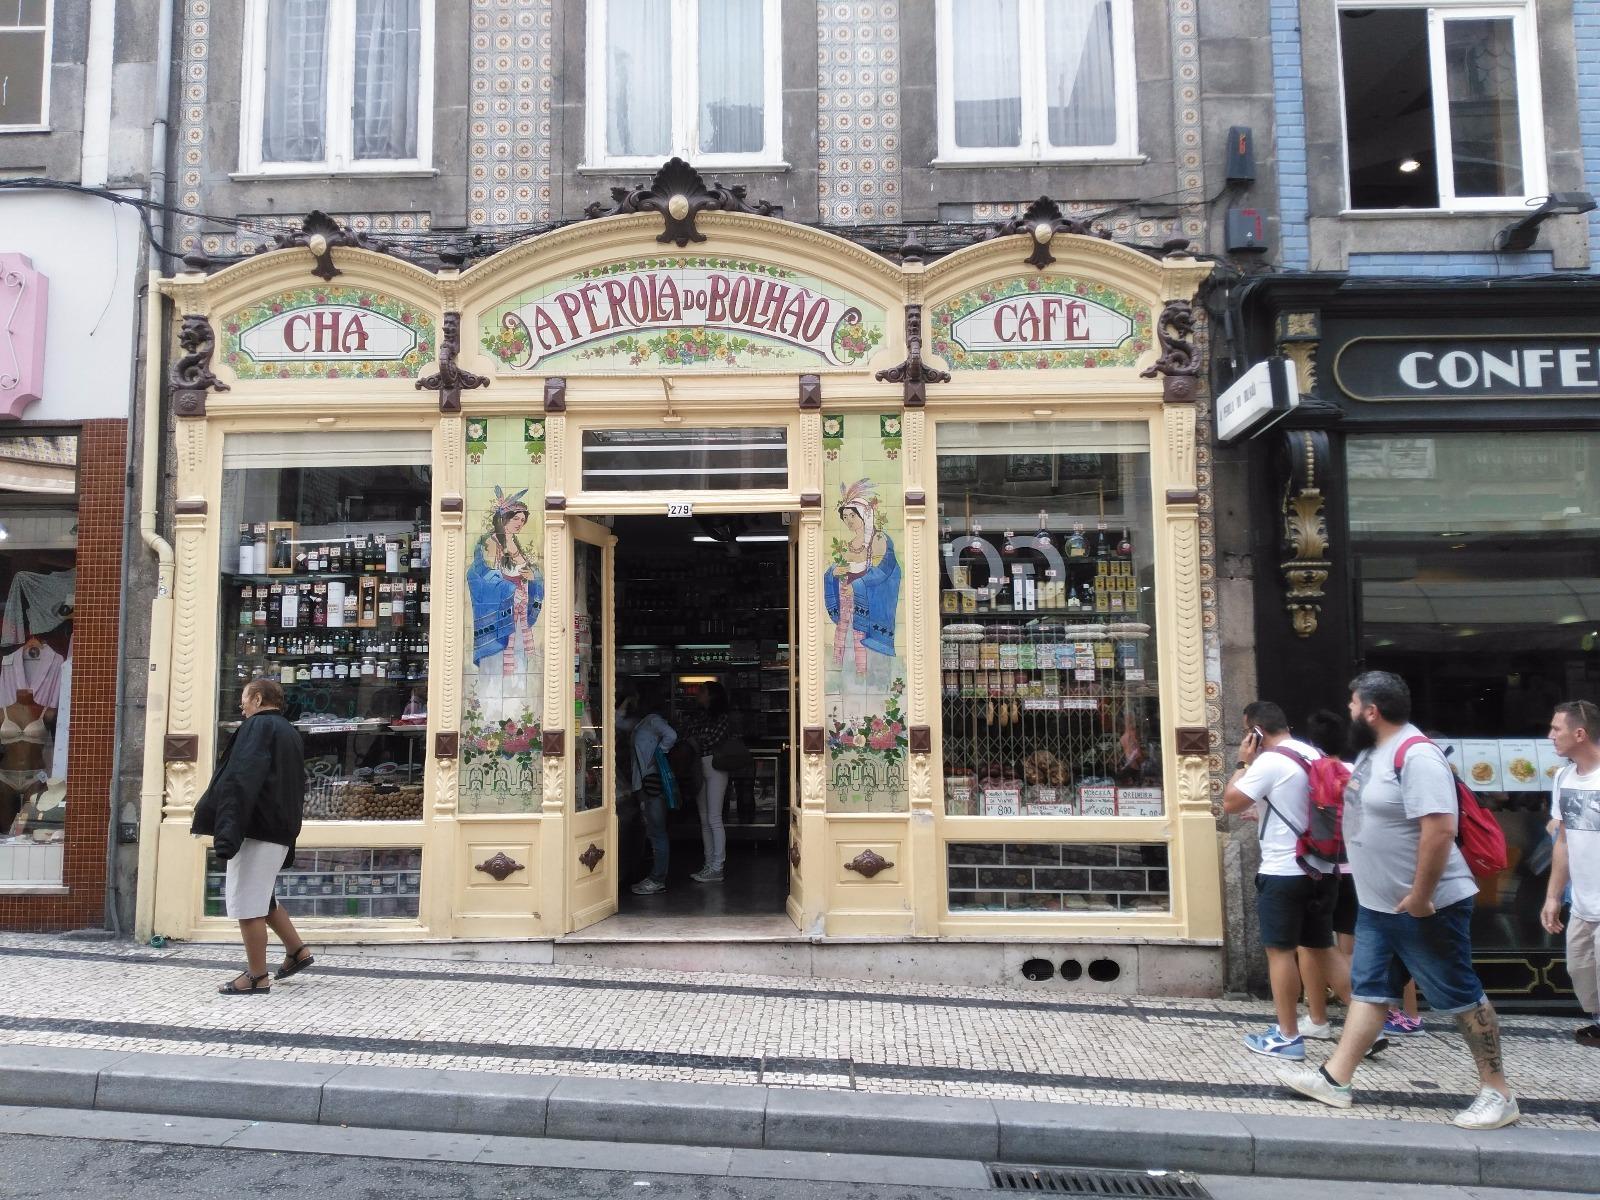 Café In Portugal